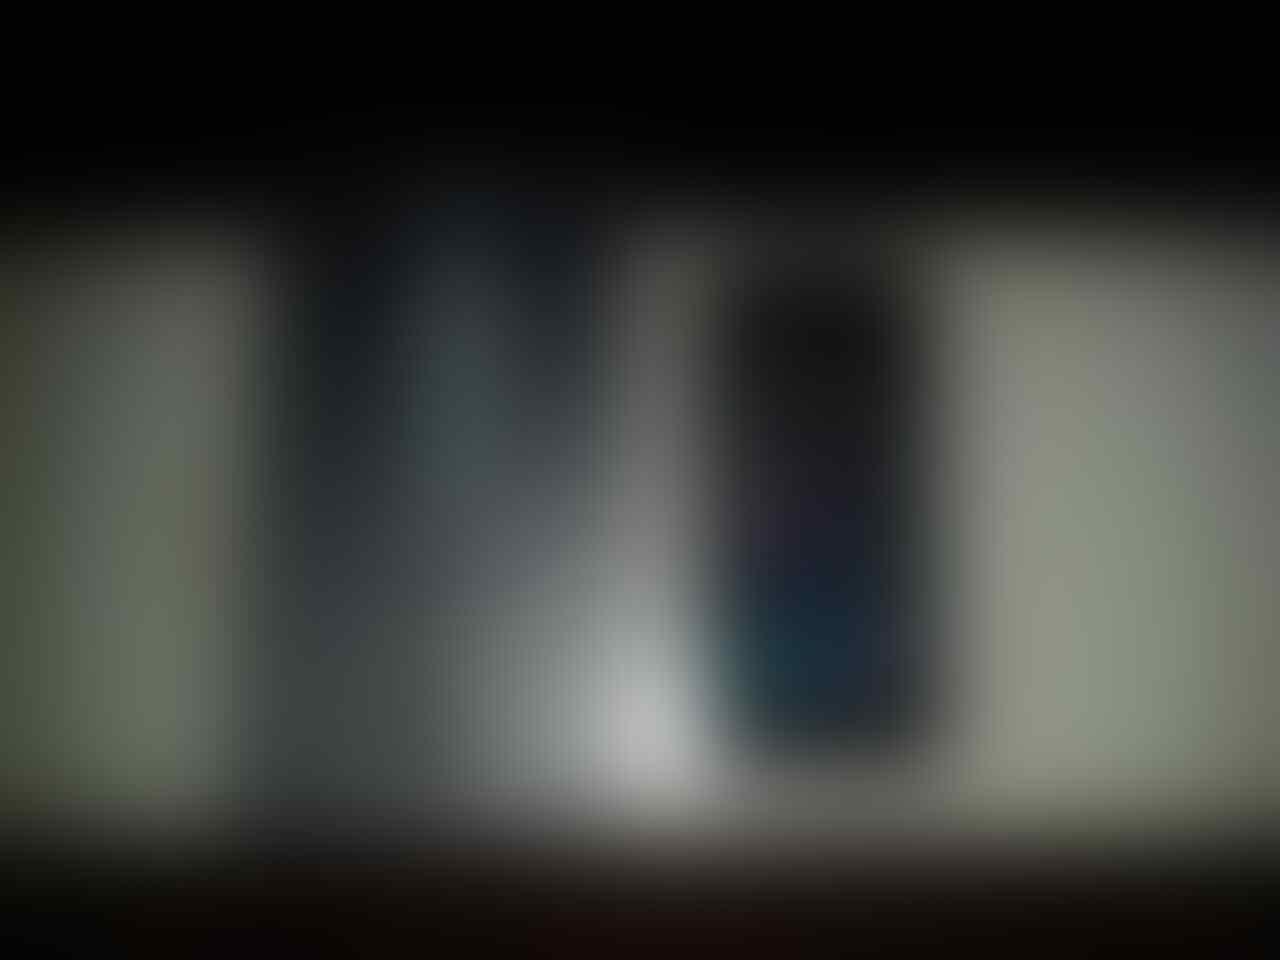 WTS iPhone 5 Black 16Giga